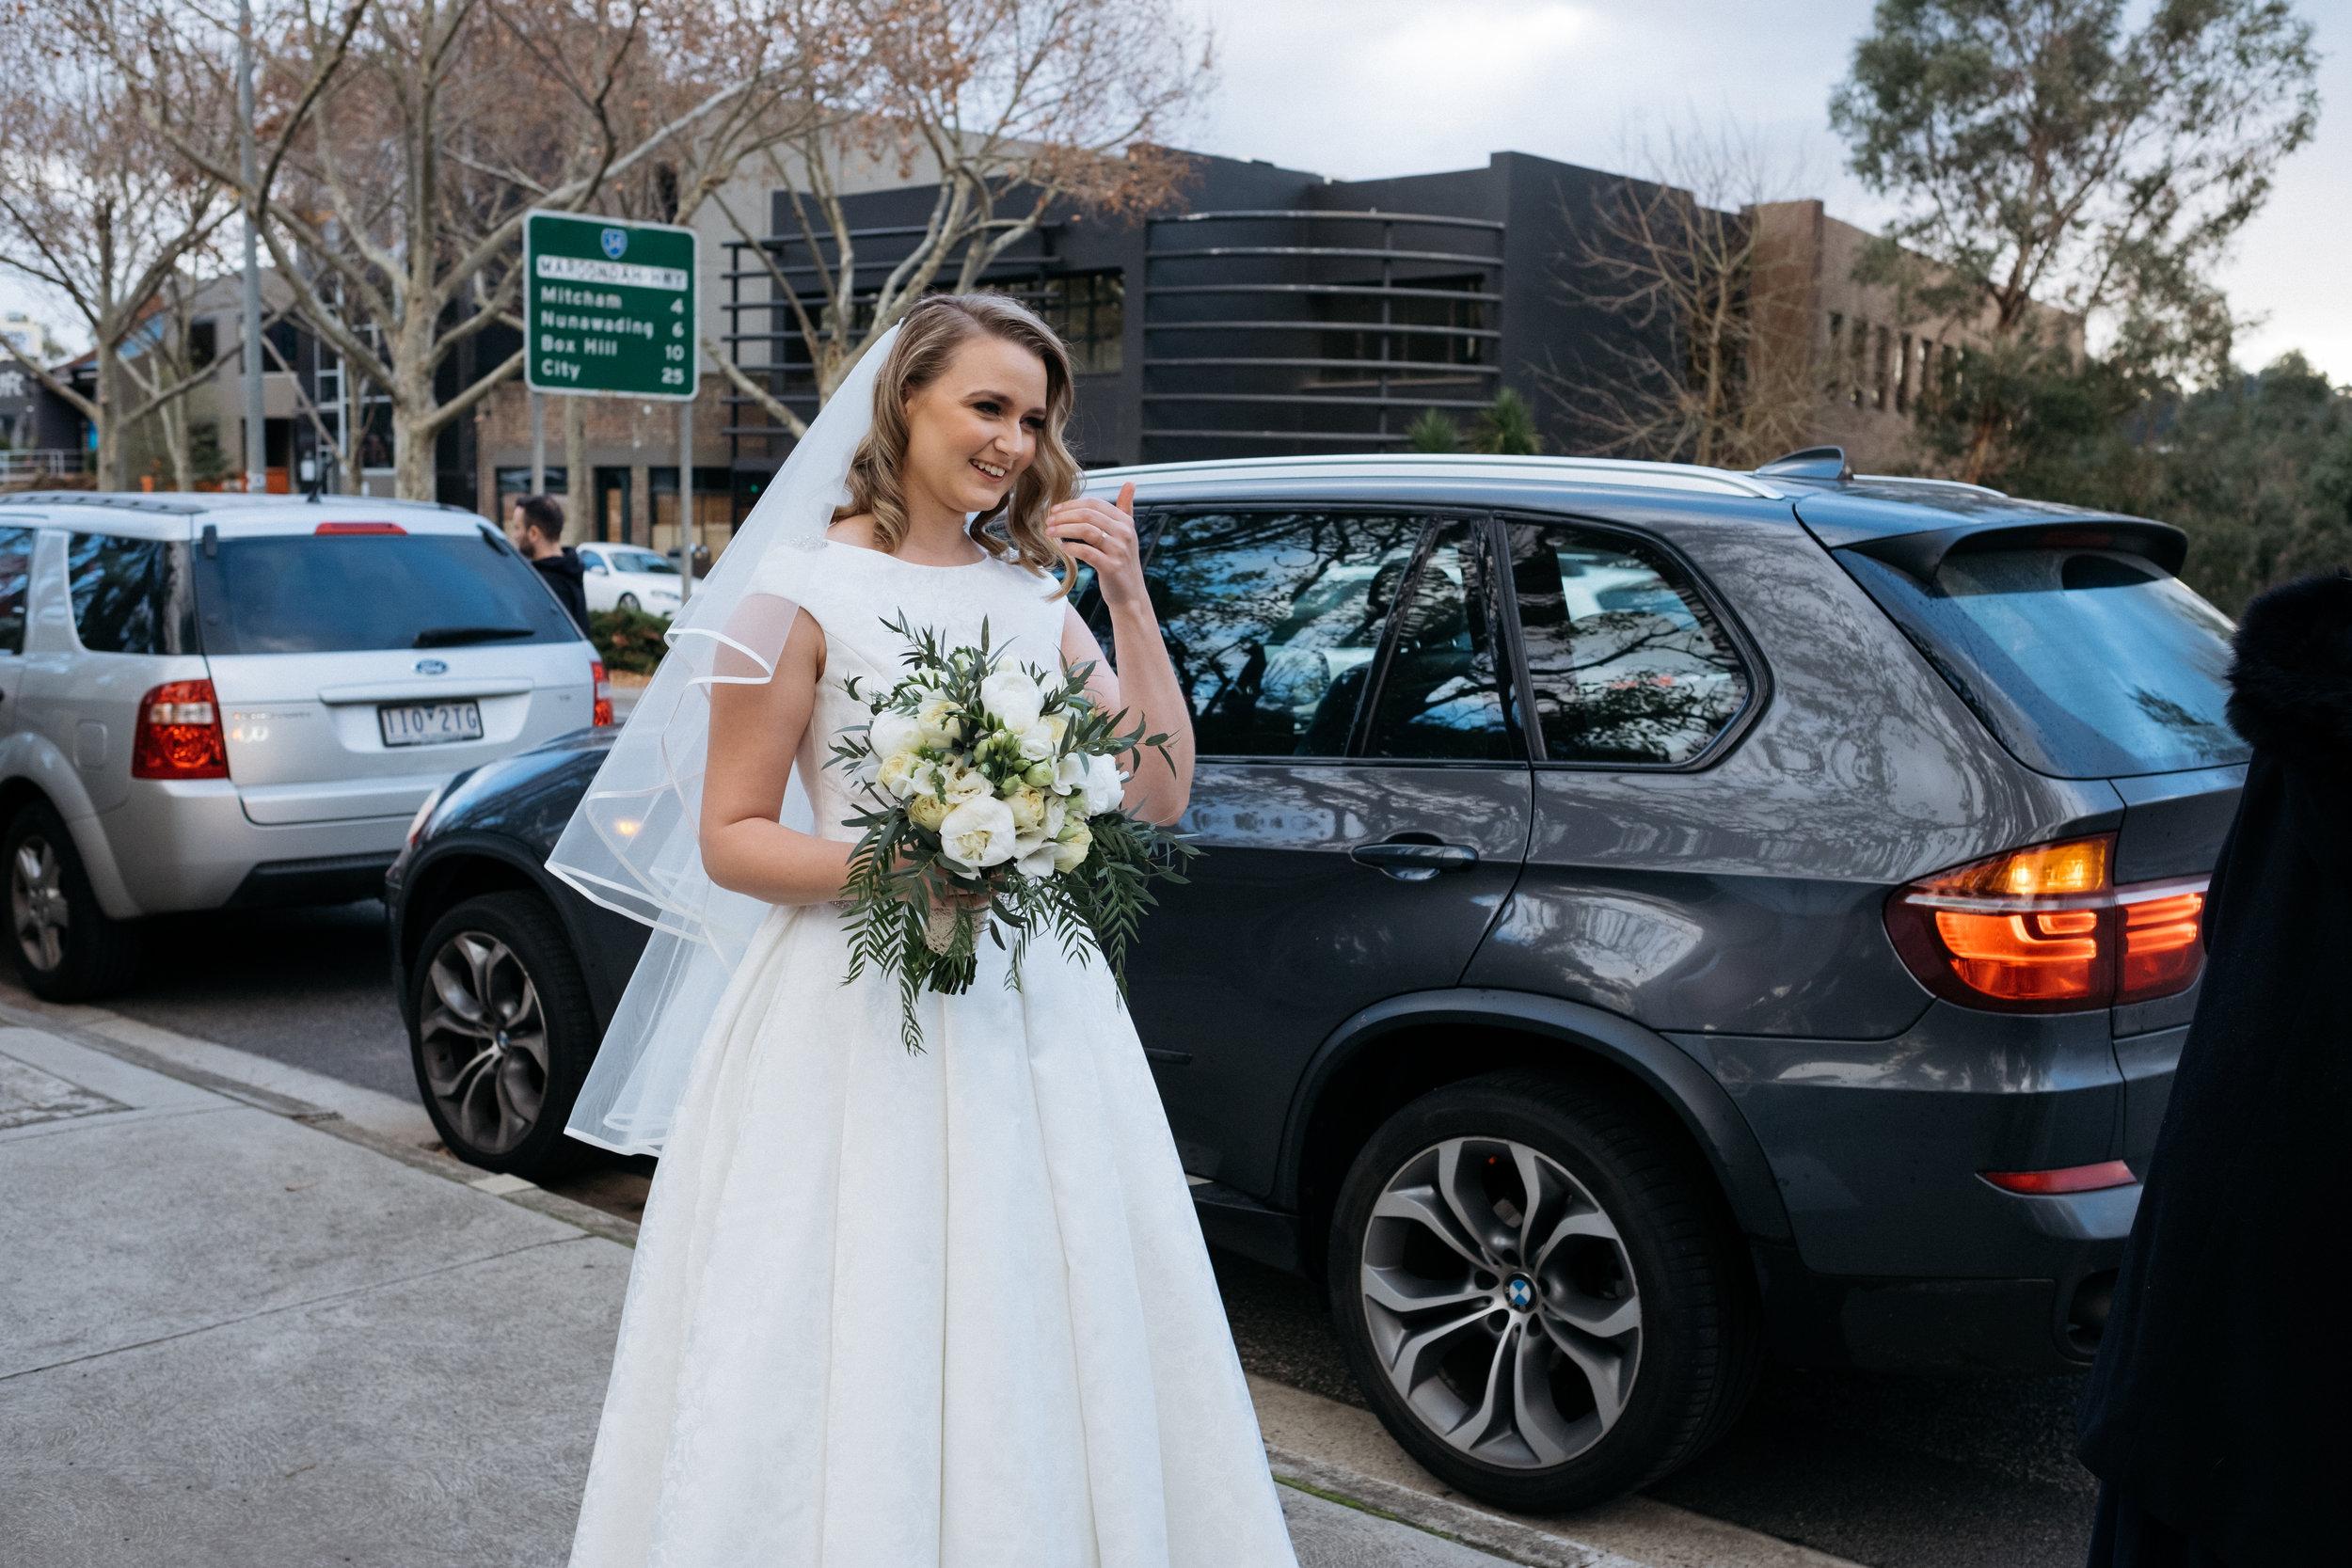 Beautiful bride waiting to go into wedding venue